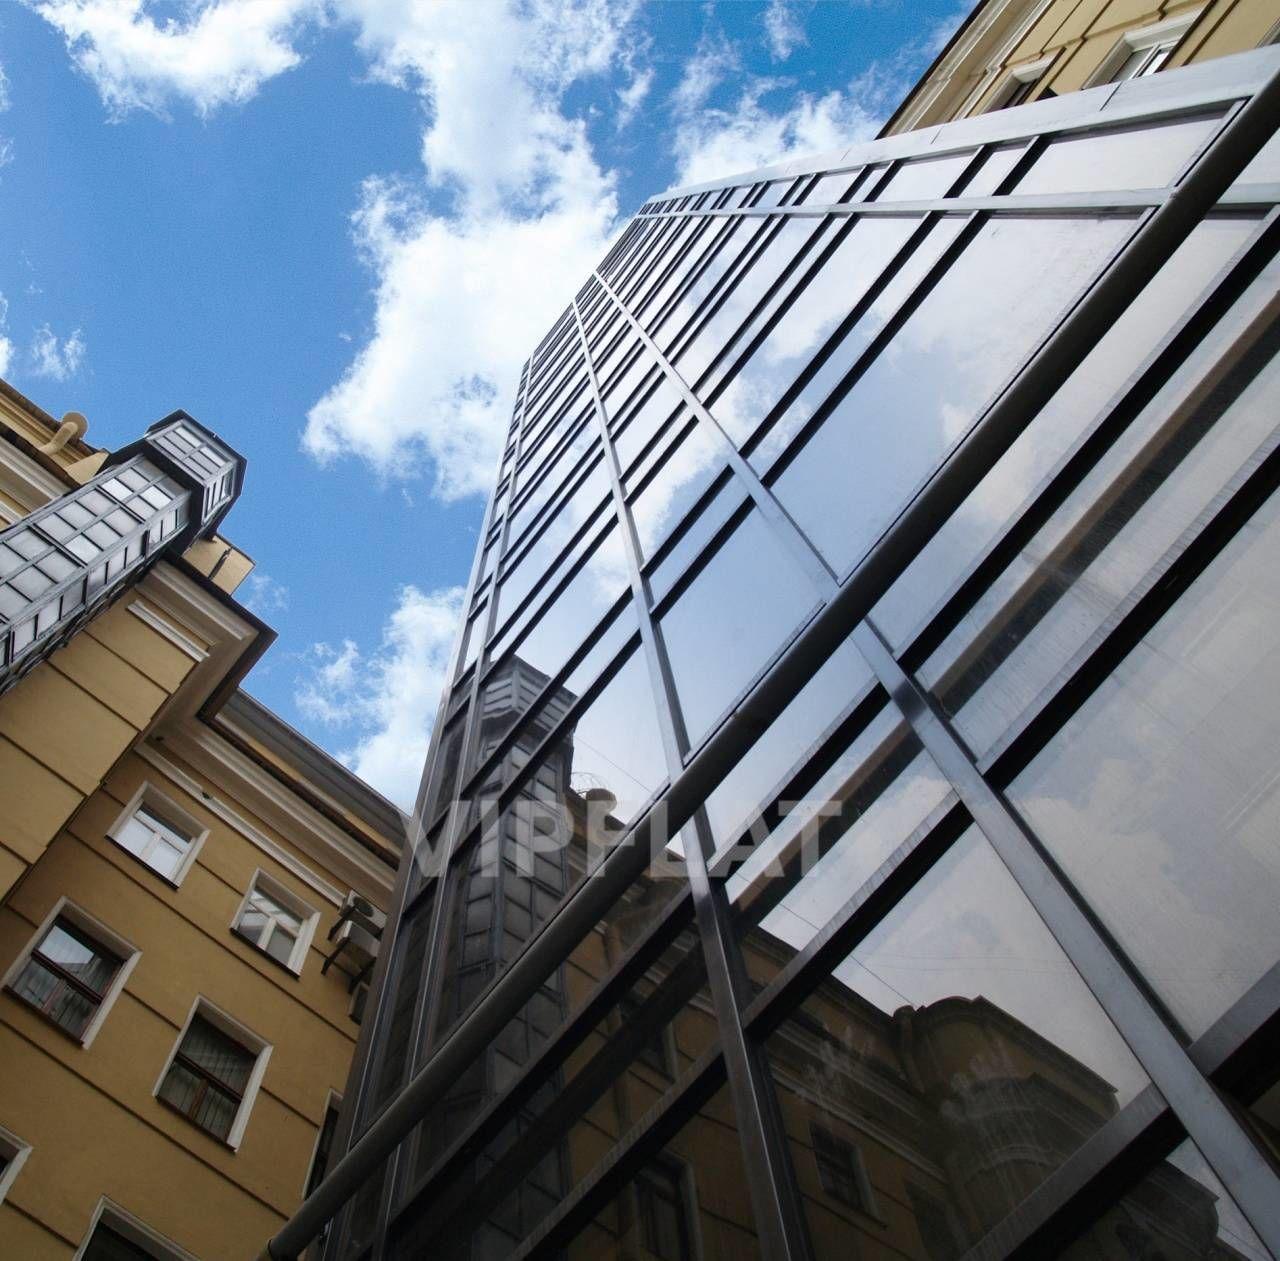 Продажа элитных квартир Санкт-Петербурга. Смольный пр., 6 Новый идивидуальный лифт с ключом